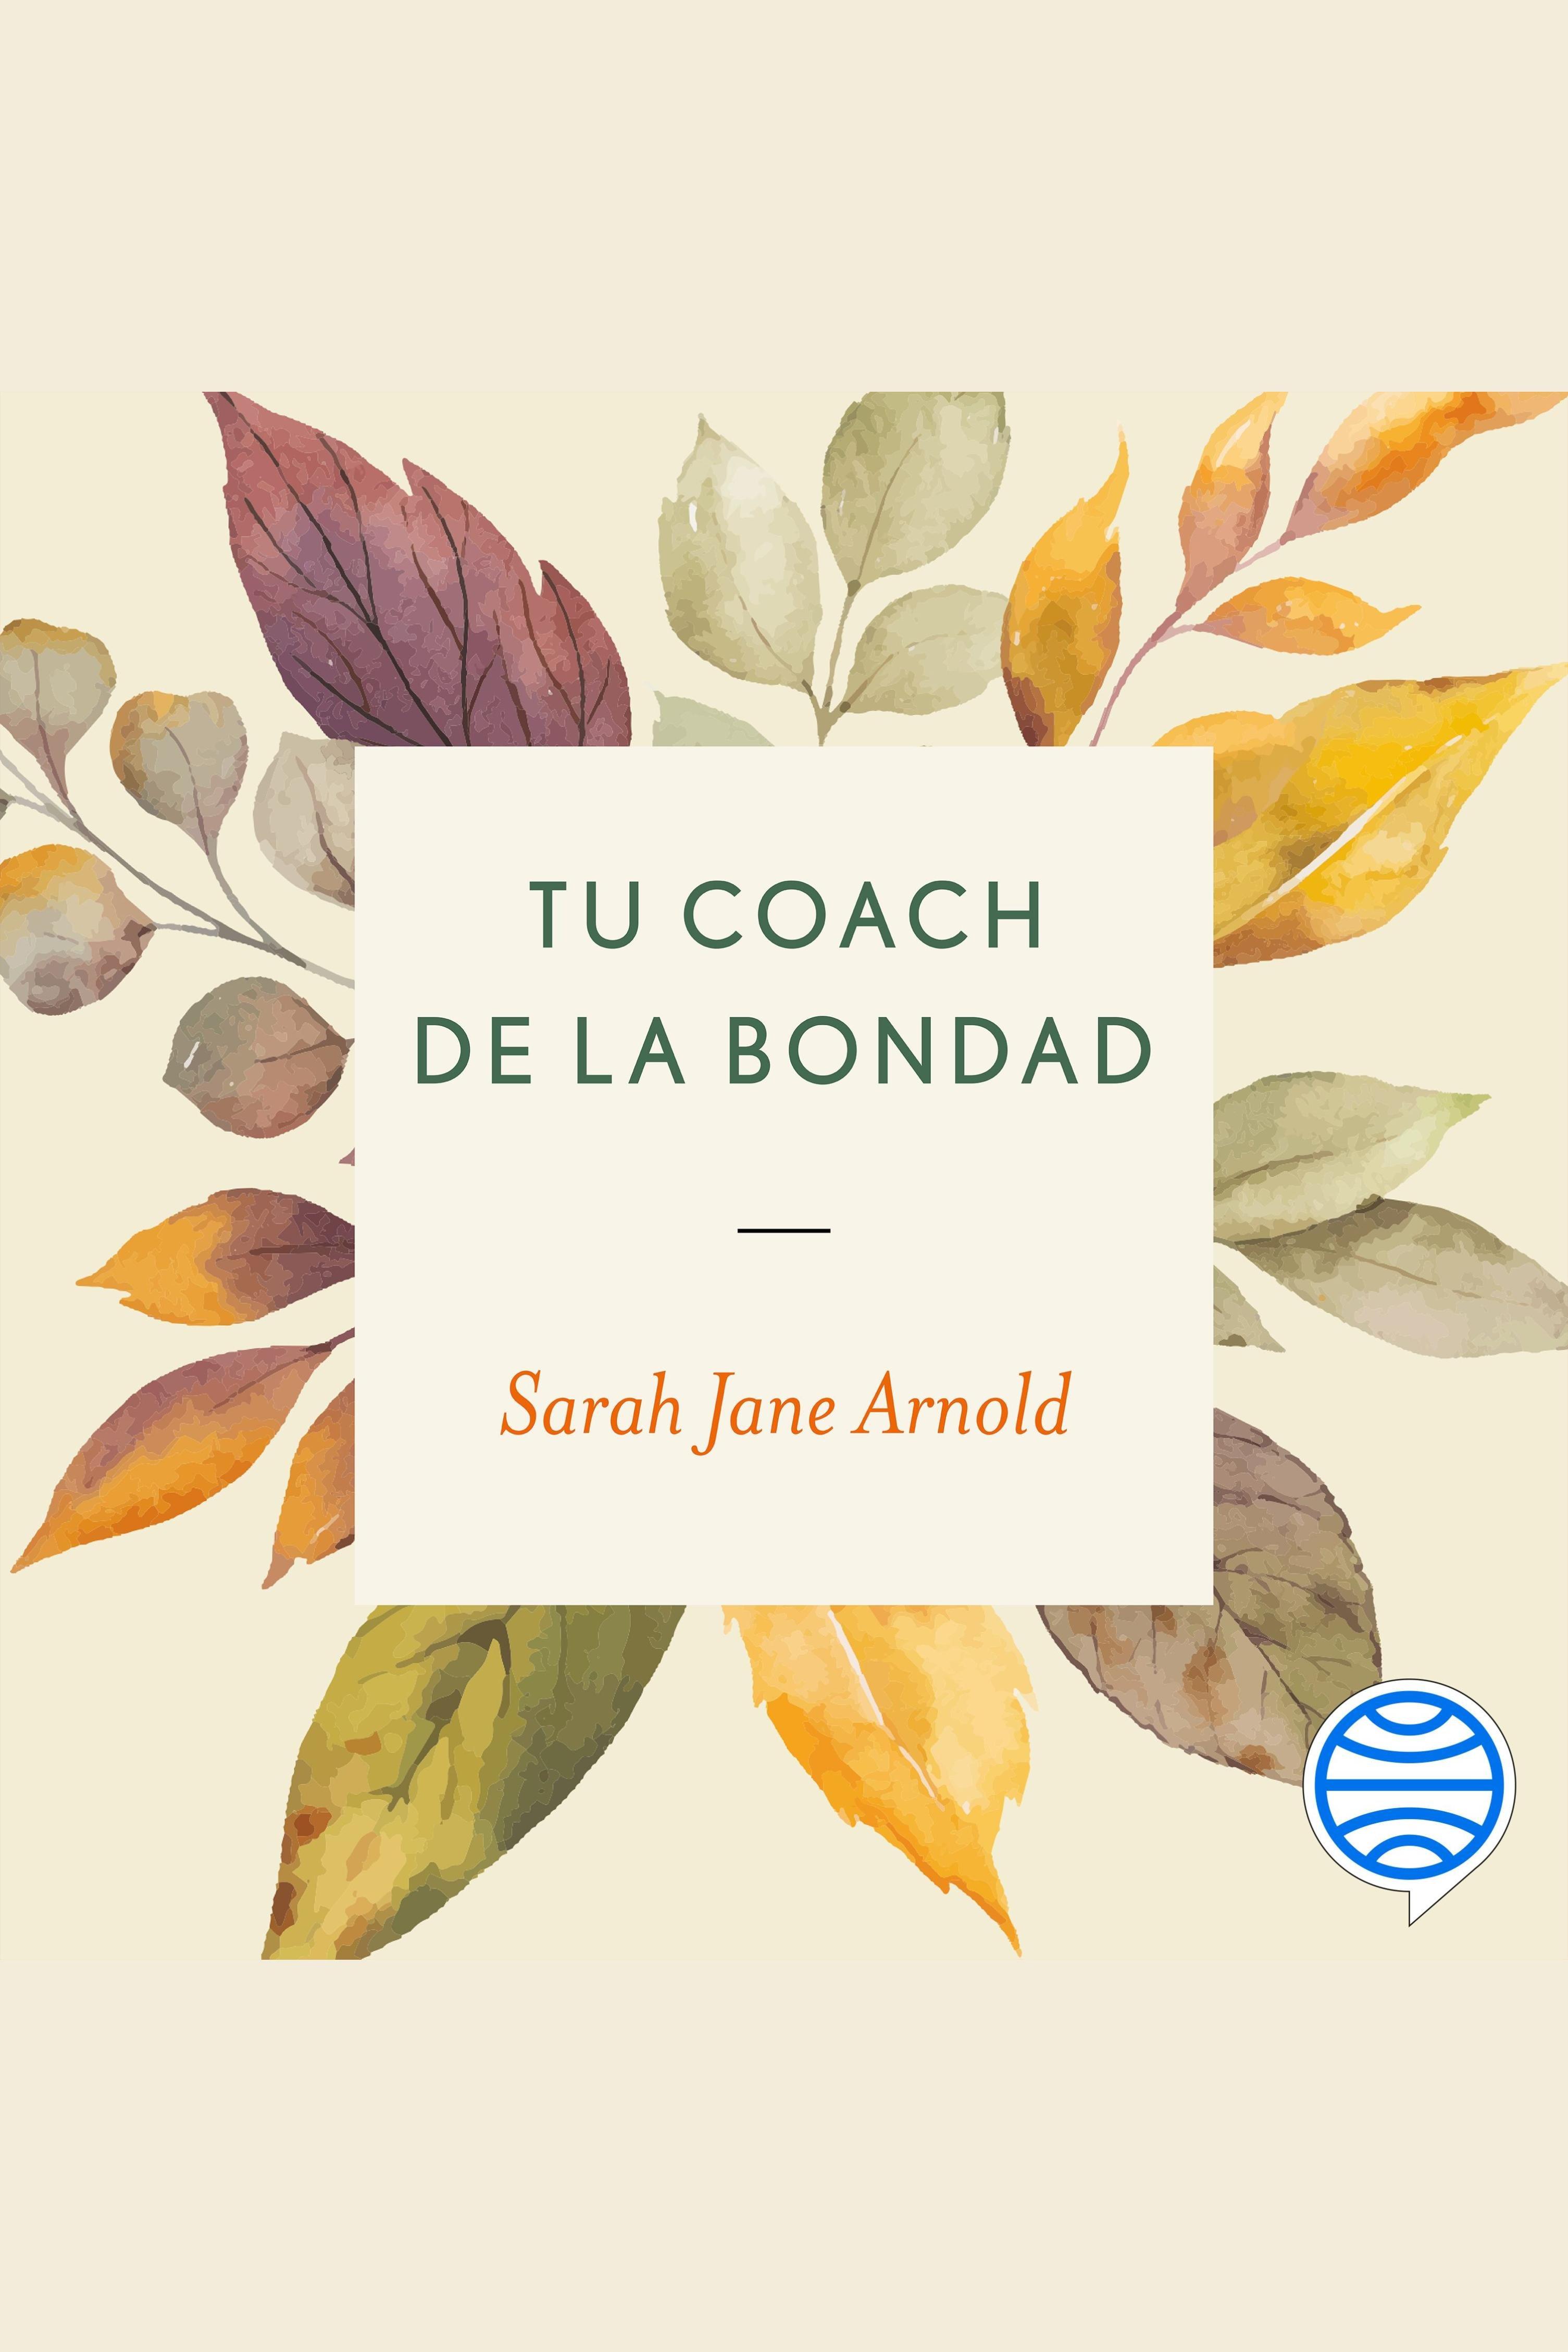 Esta es la portada del audiolibro Tu coach de la bondad